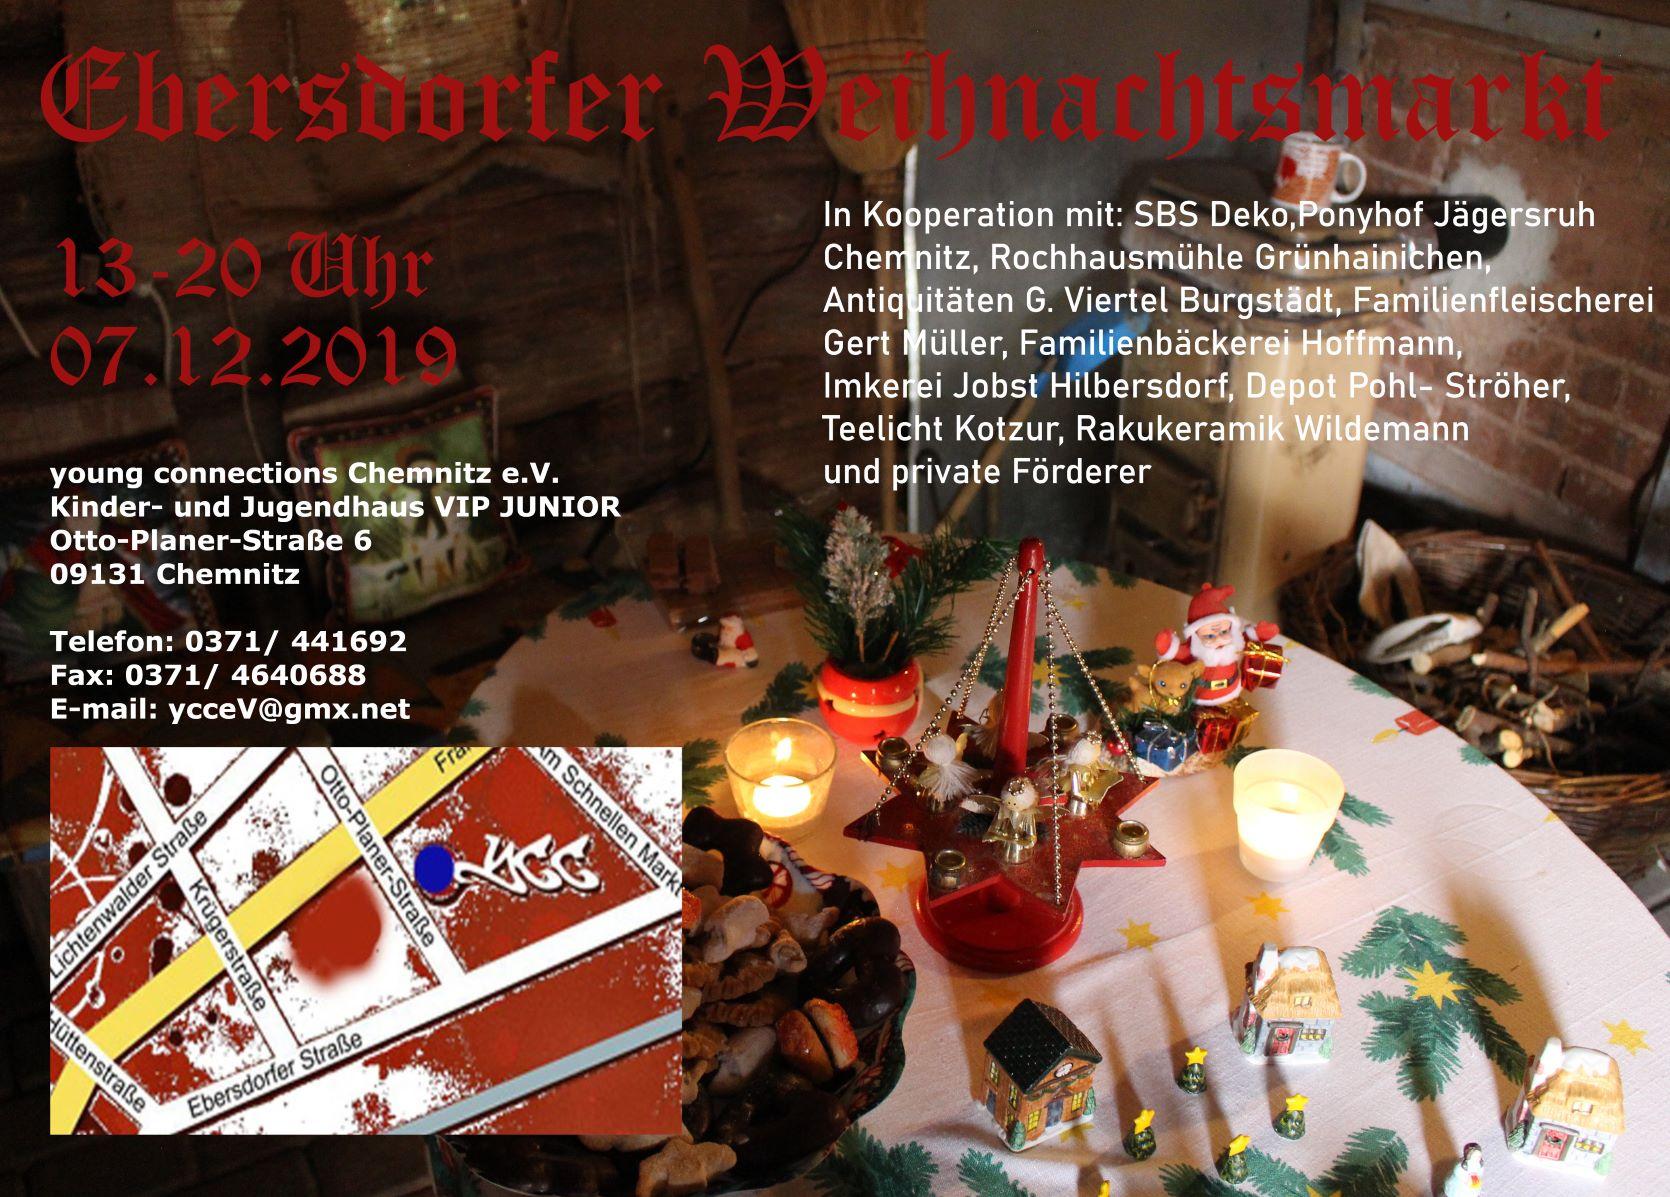 flyer back weihnachtsmarkt 2019 mail